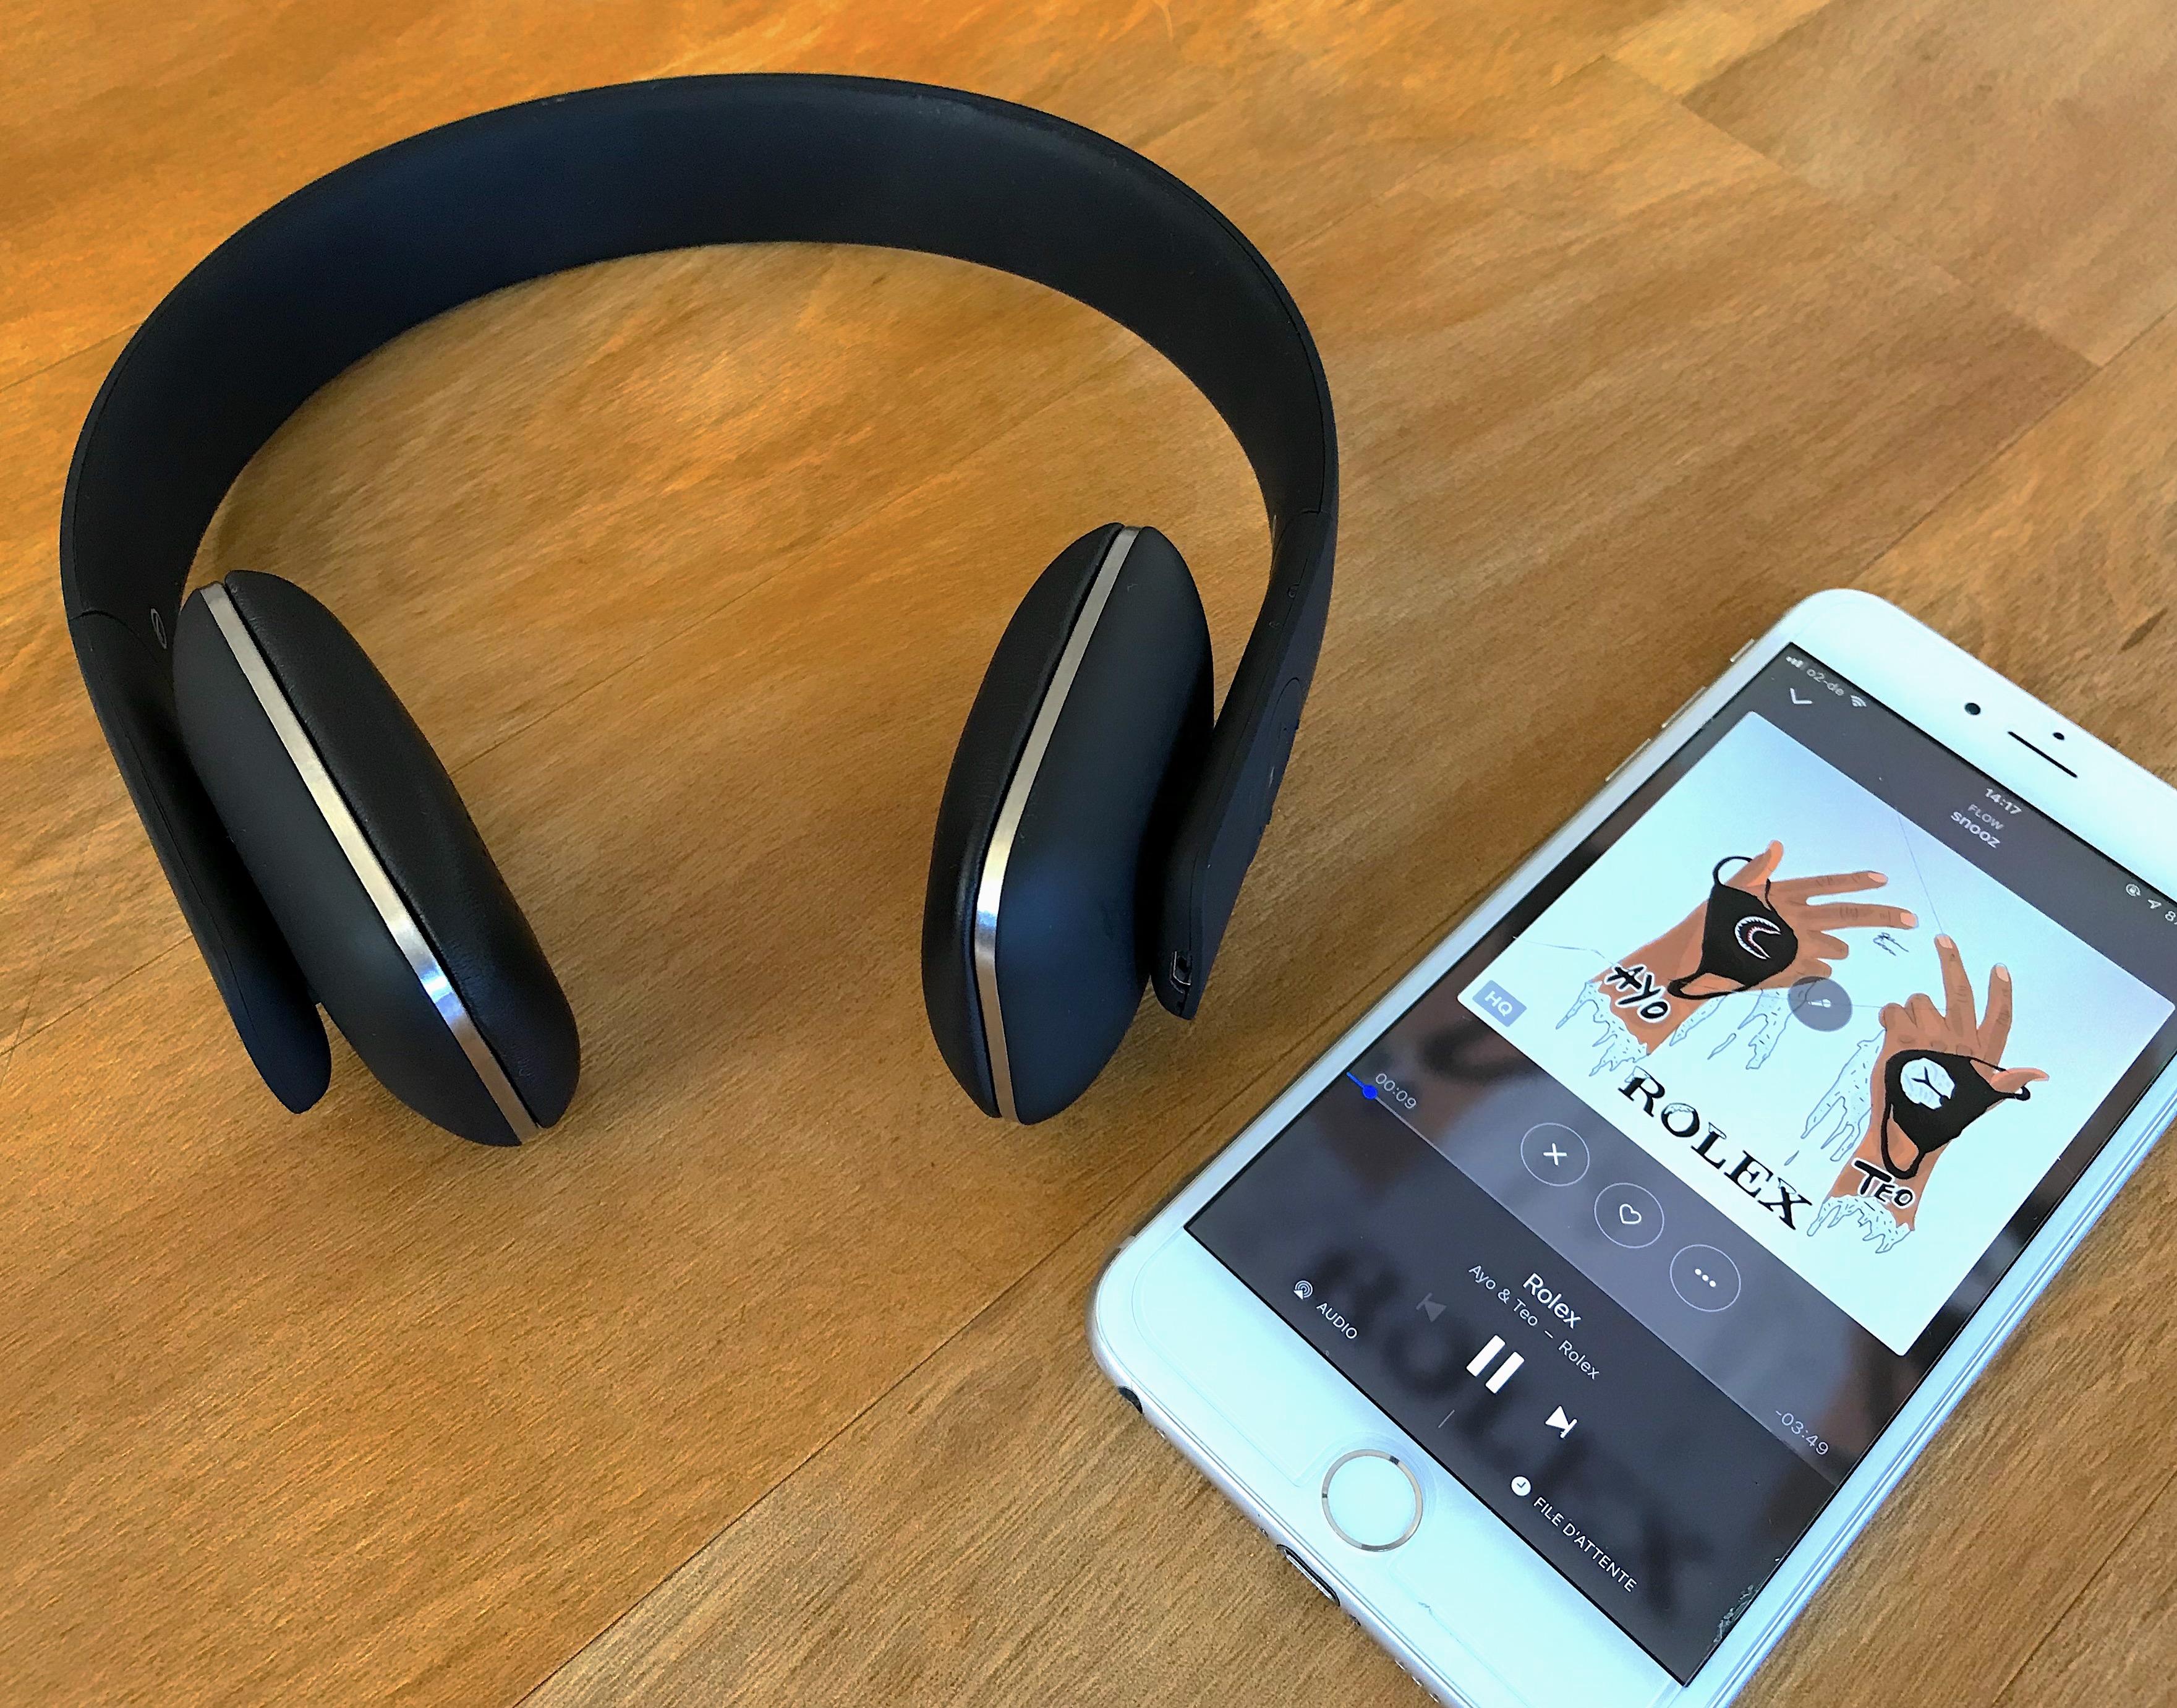 Test du casque audio Bluetooth EP636 signé August : un poids plume qui cache bien son jeu 1